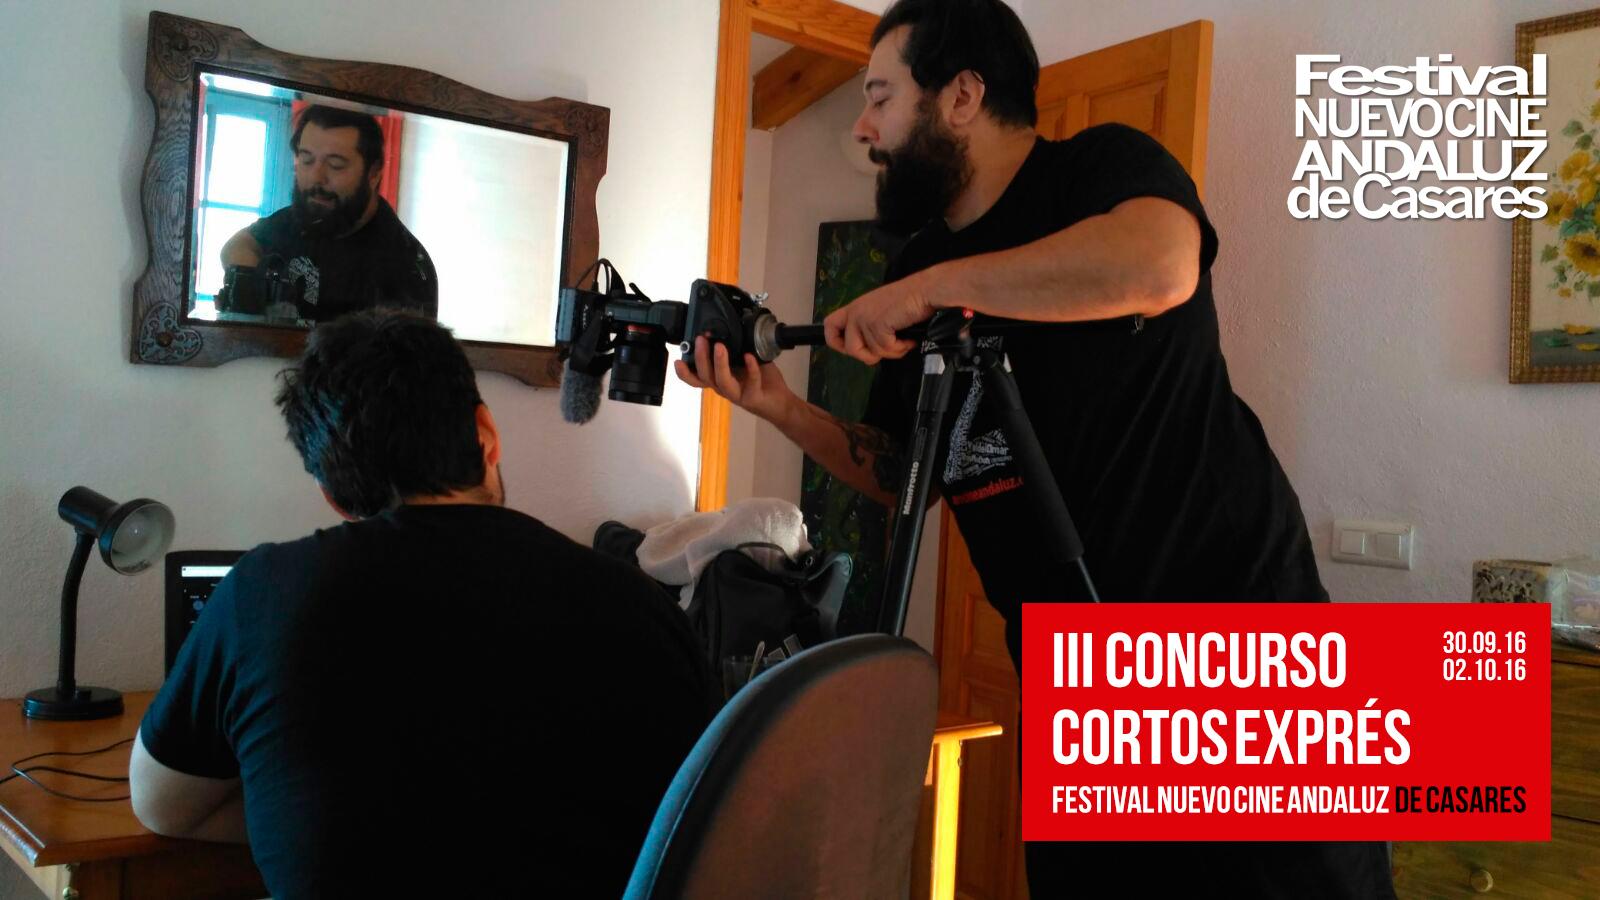 III Concurso Cortos Exprés - Festival Nuevo Cine Andaluz